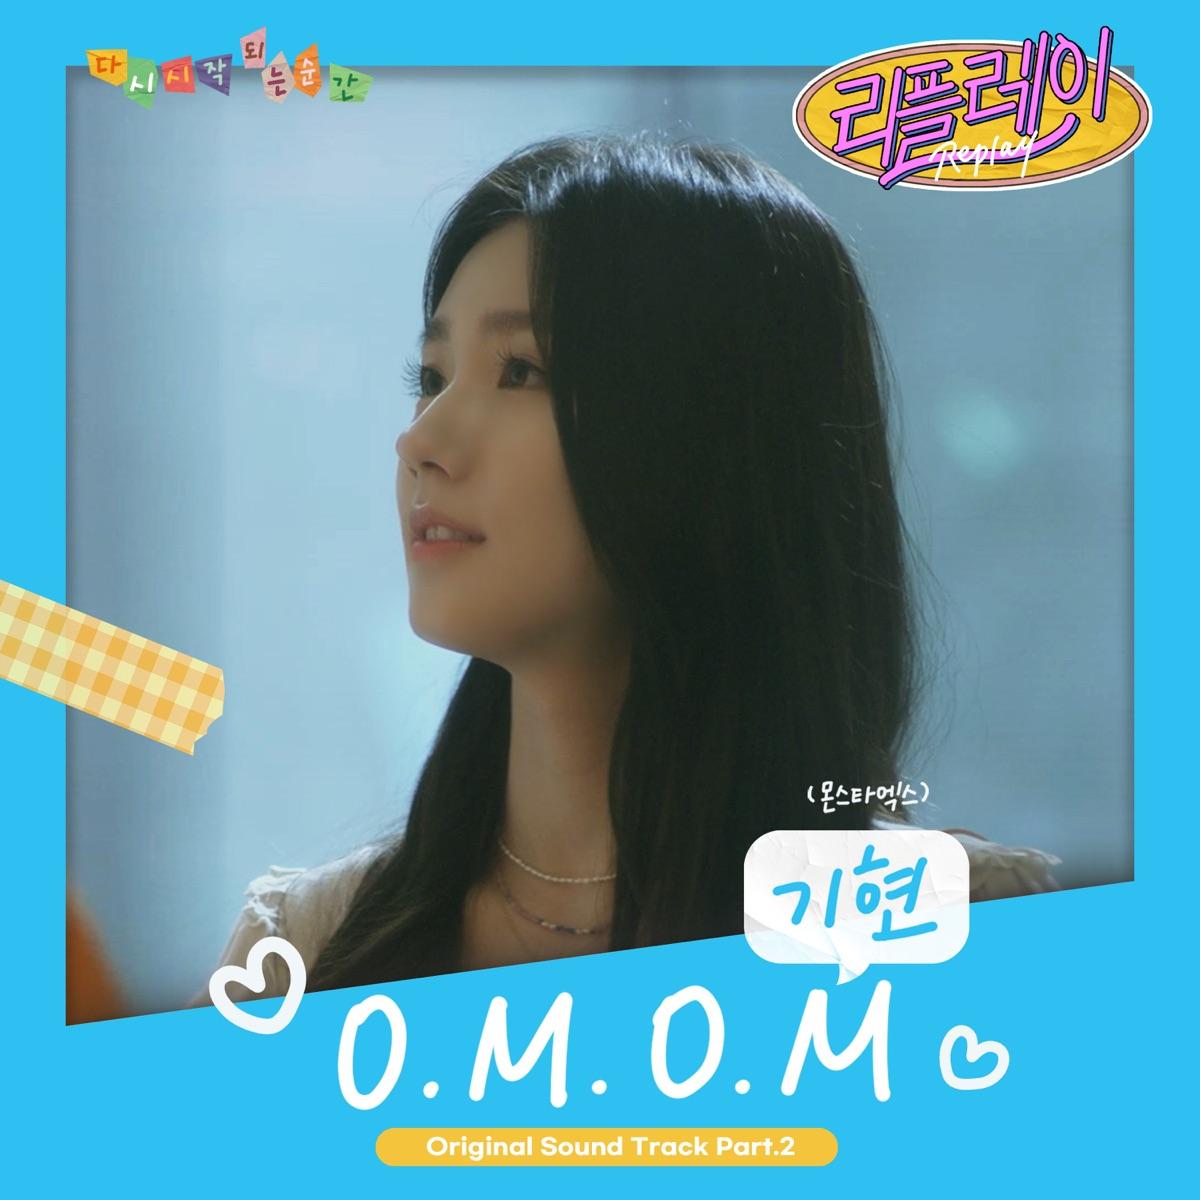 『キヒョン(MONSTA X) - O.M.O.M』収録の『Replay (Original Television Soundtrack) Pt. 2』ジャケット